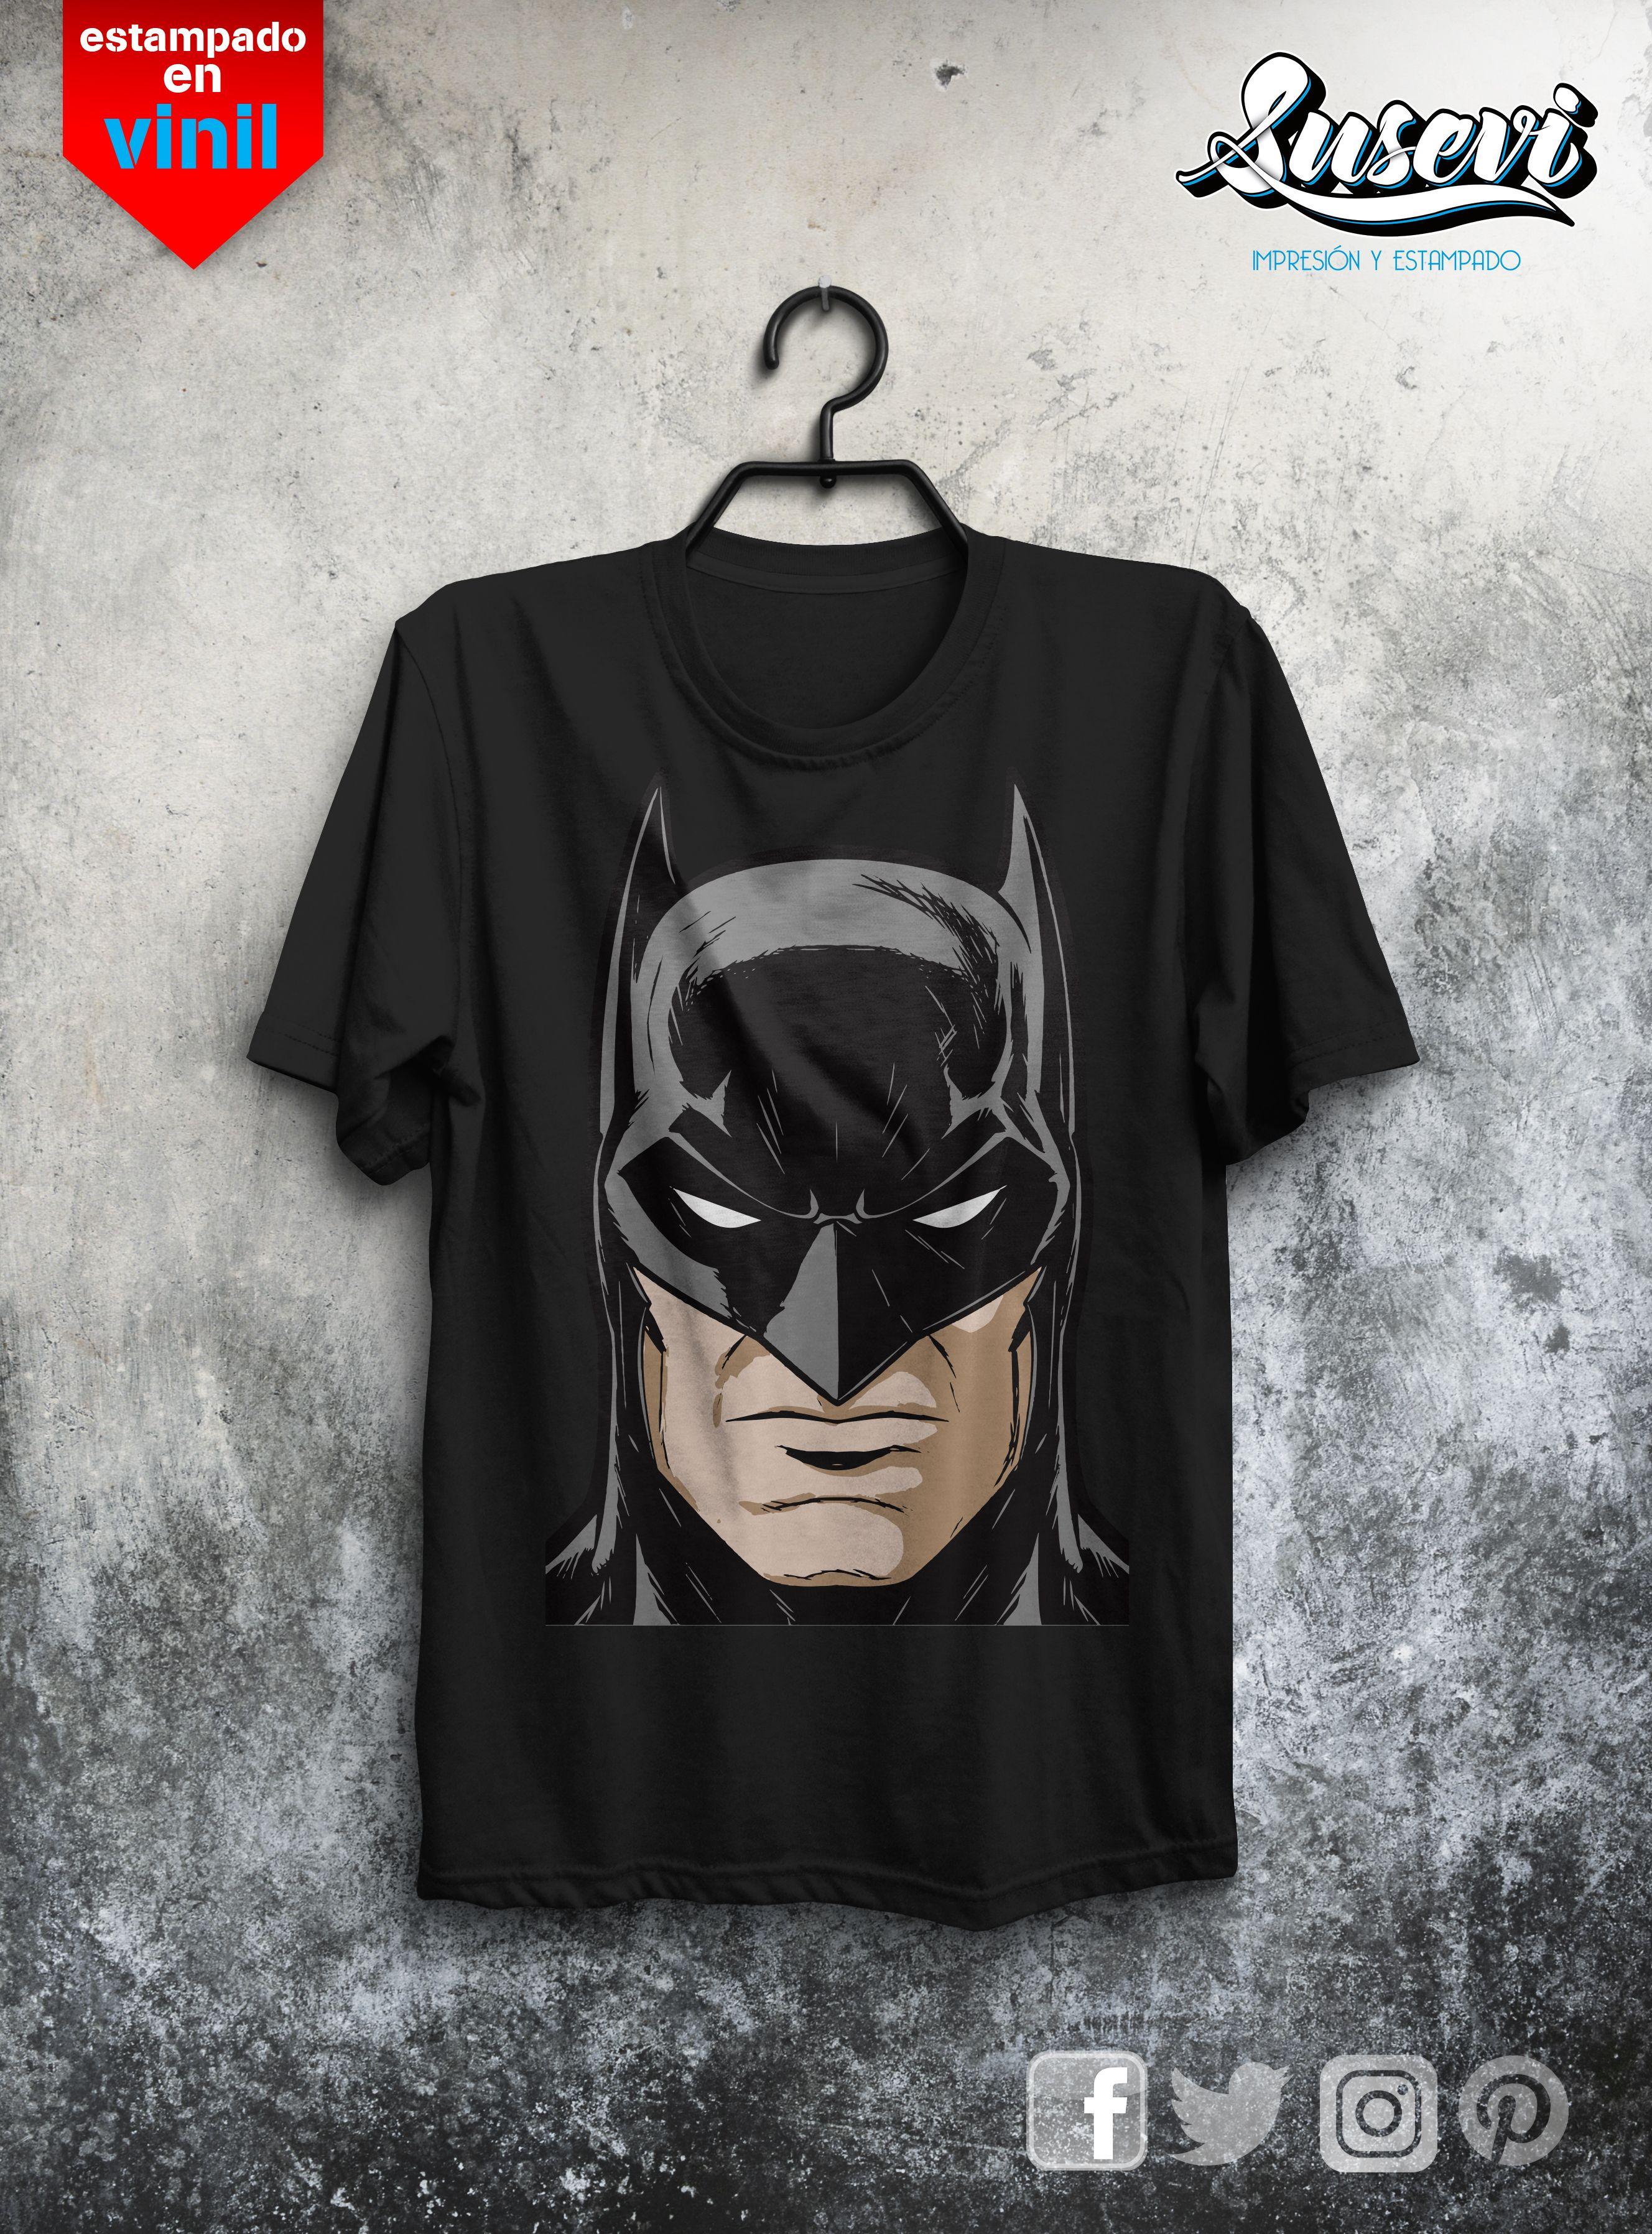 100% de garantía de satisfacción apariencia estética calidad confiable Playera personalizada-batman-hombre-estampados #comics ...